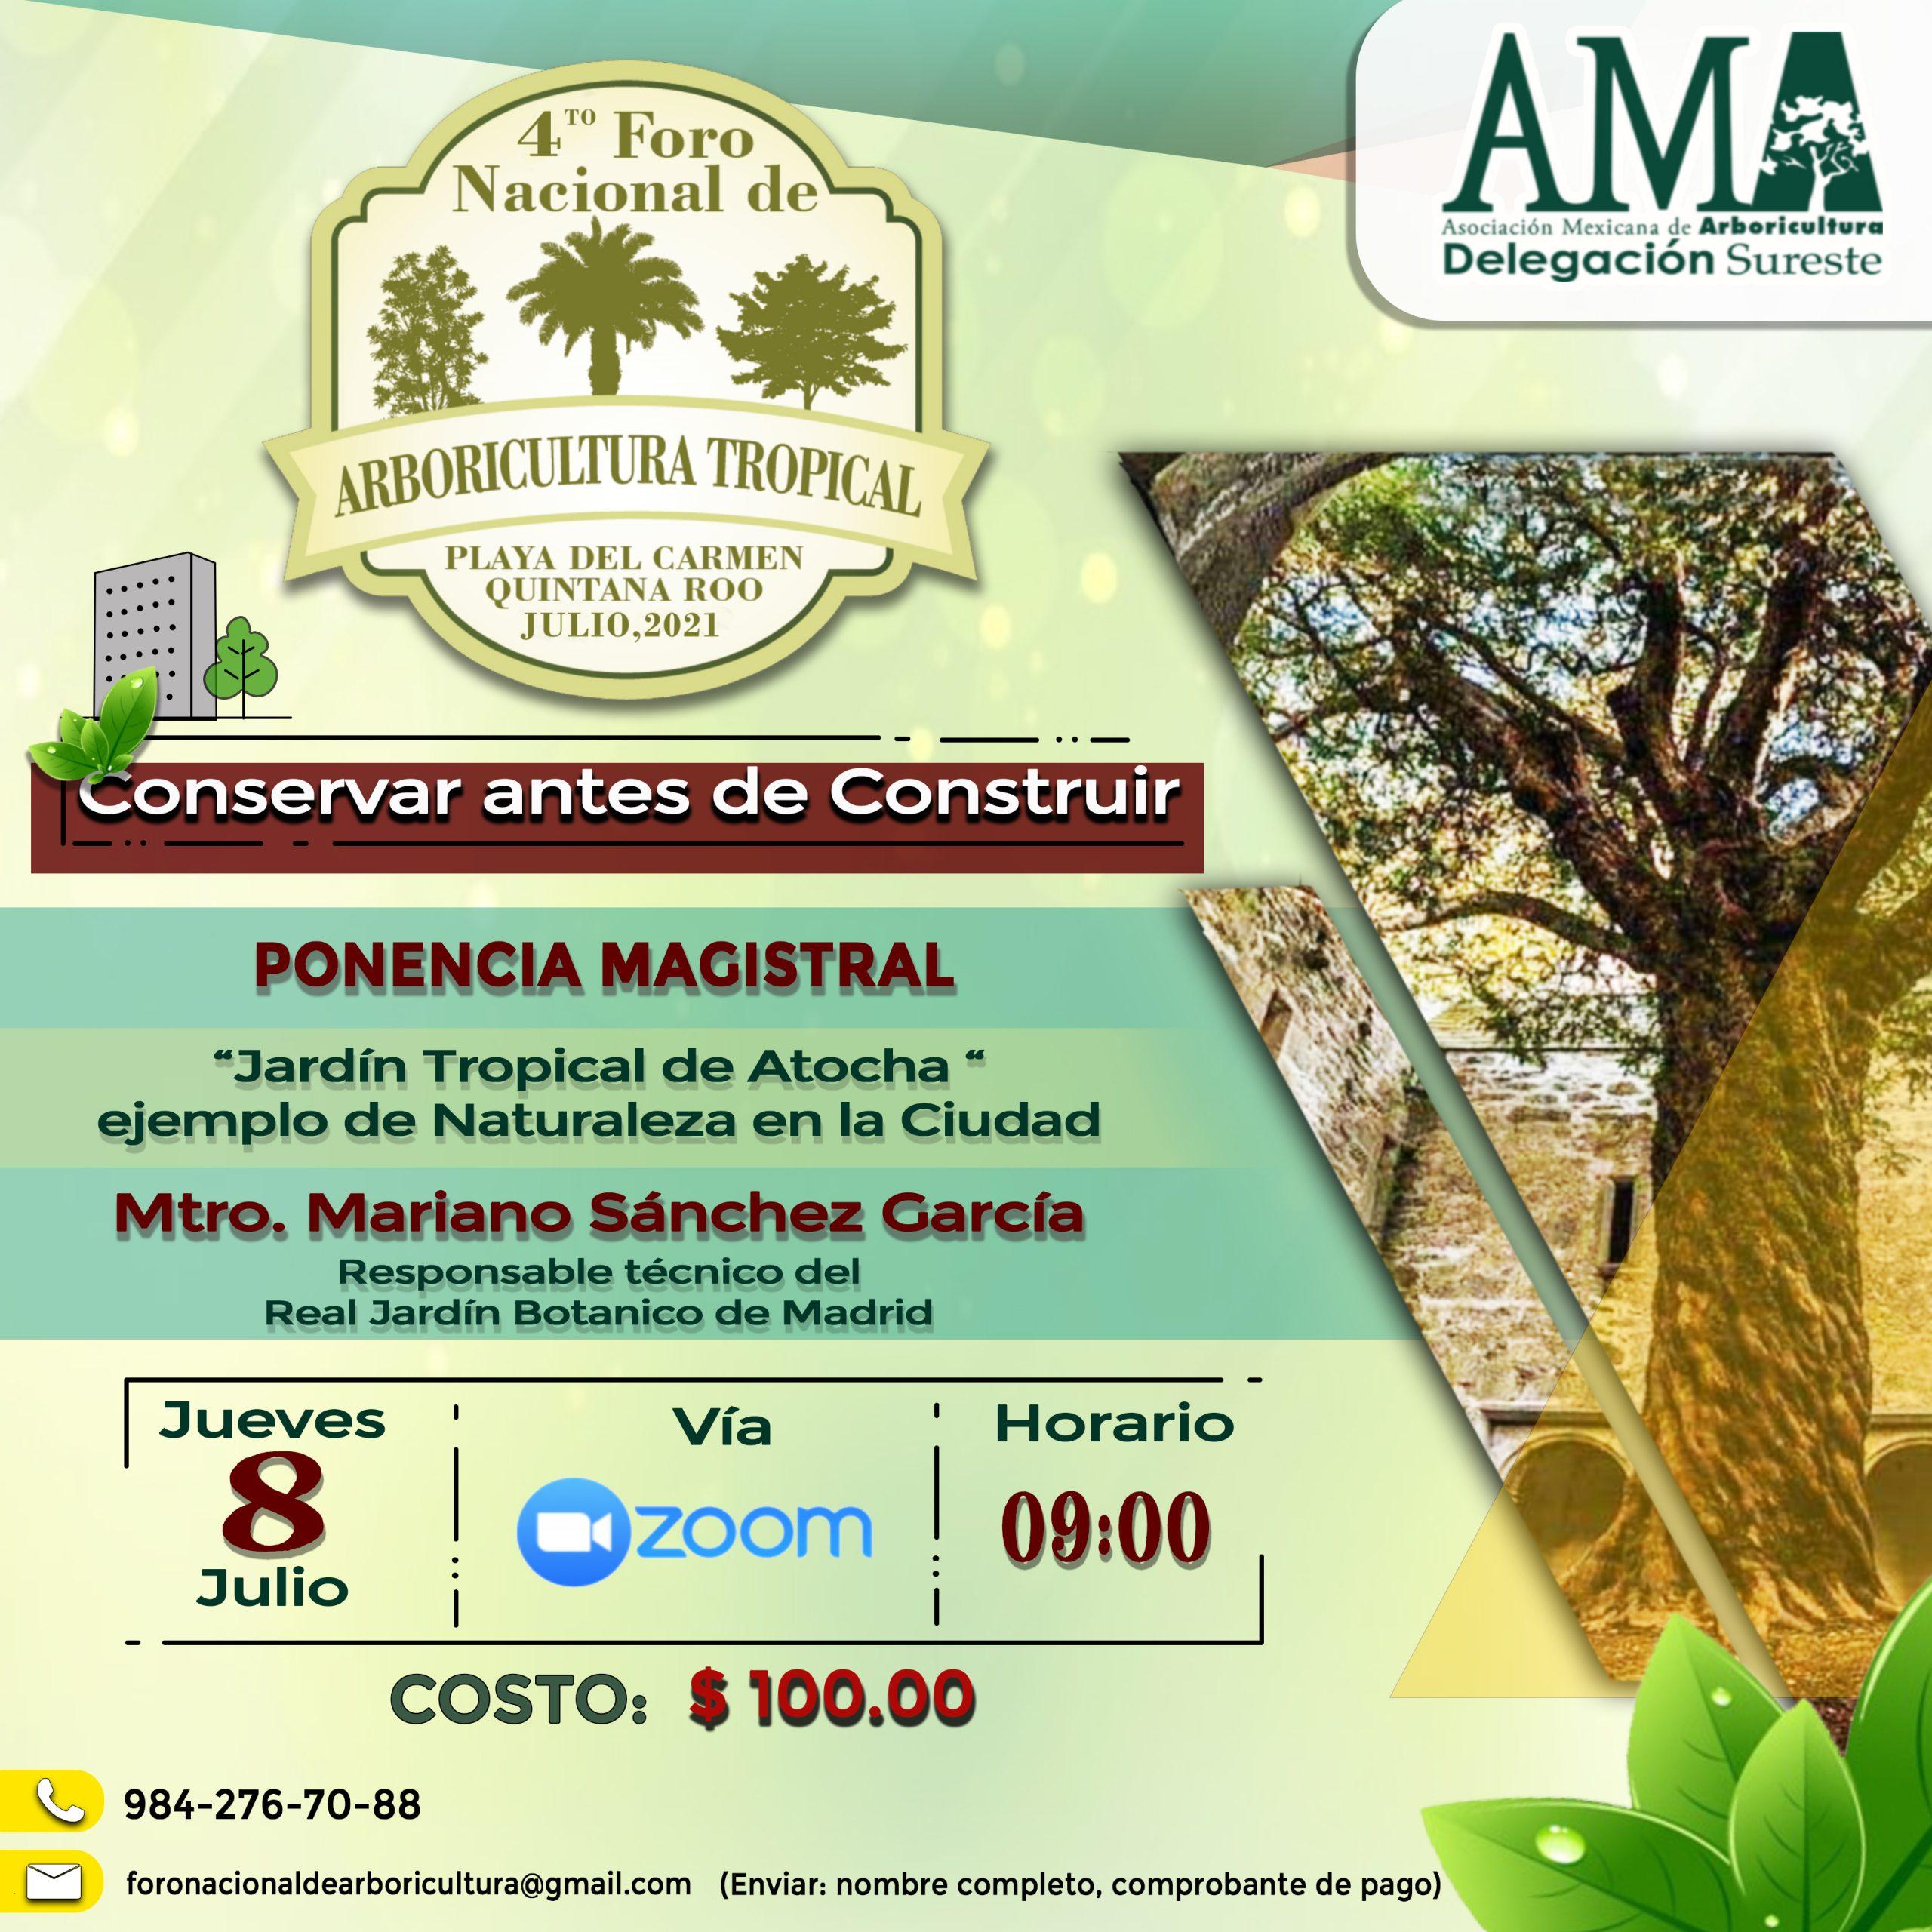 4to. Foro de Arboricultura Tropical